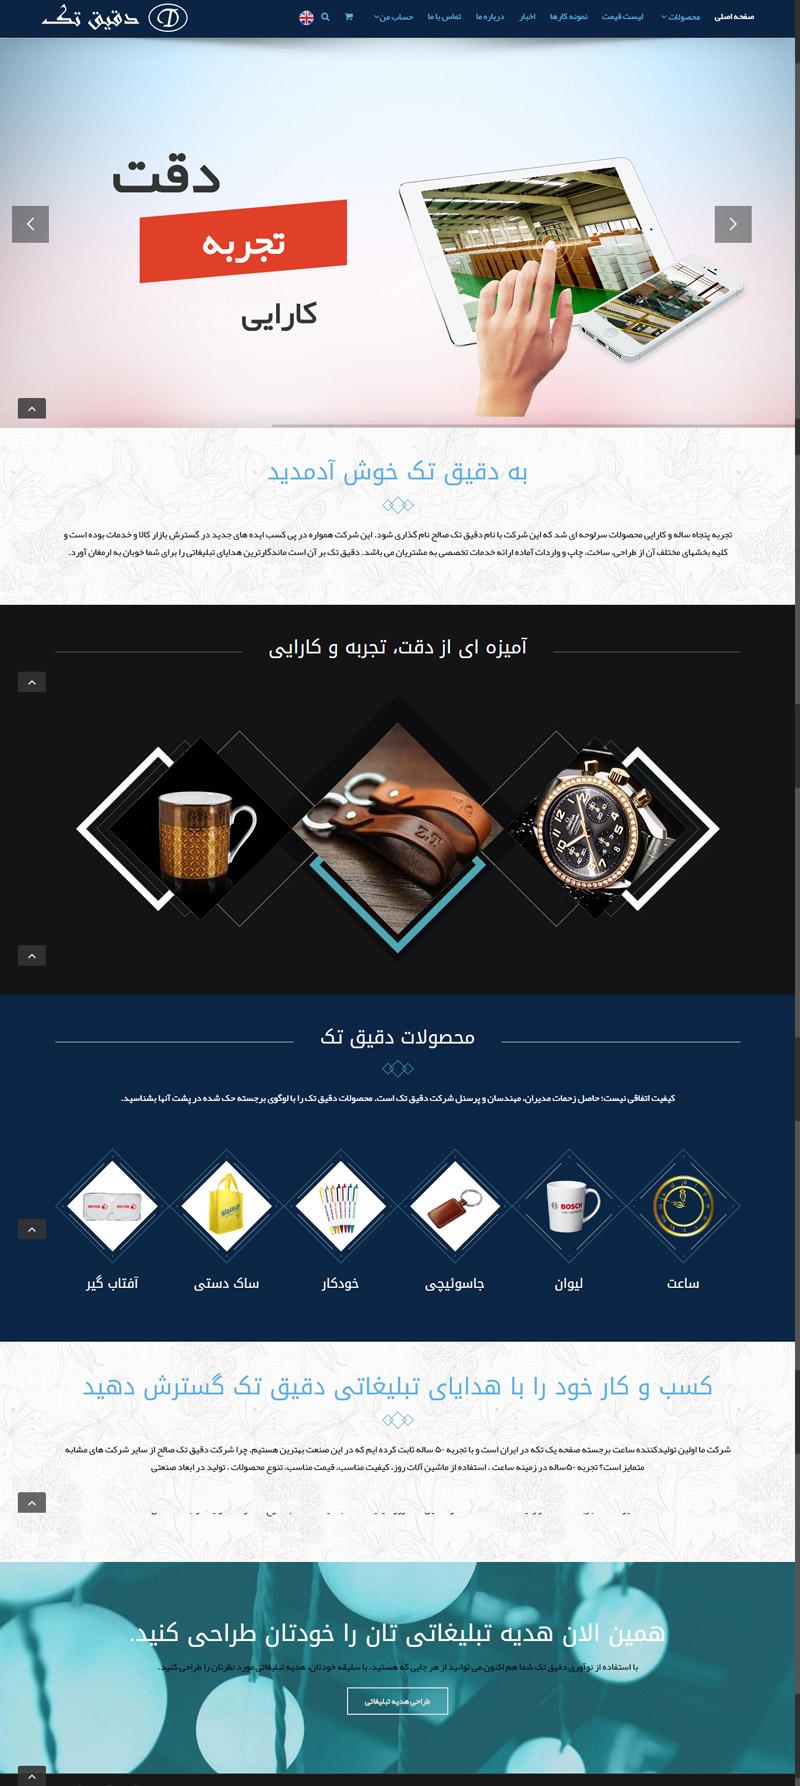 طراحی سایت کارخانه ساعت و هدایای تبلیغاتی دقیق تک